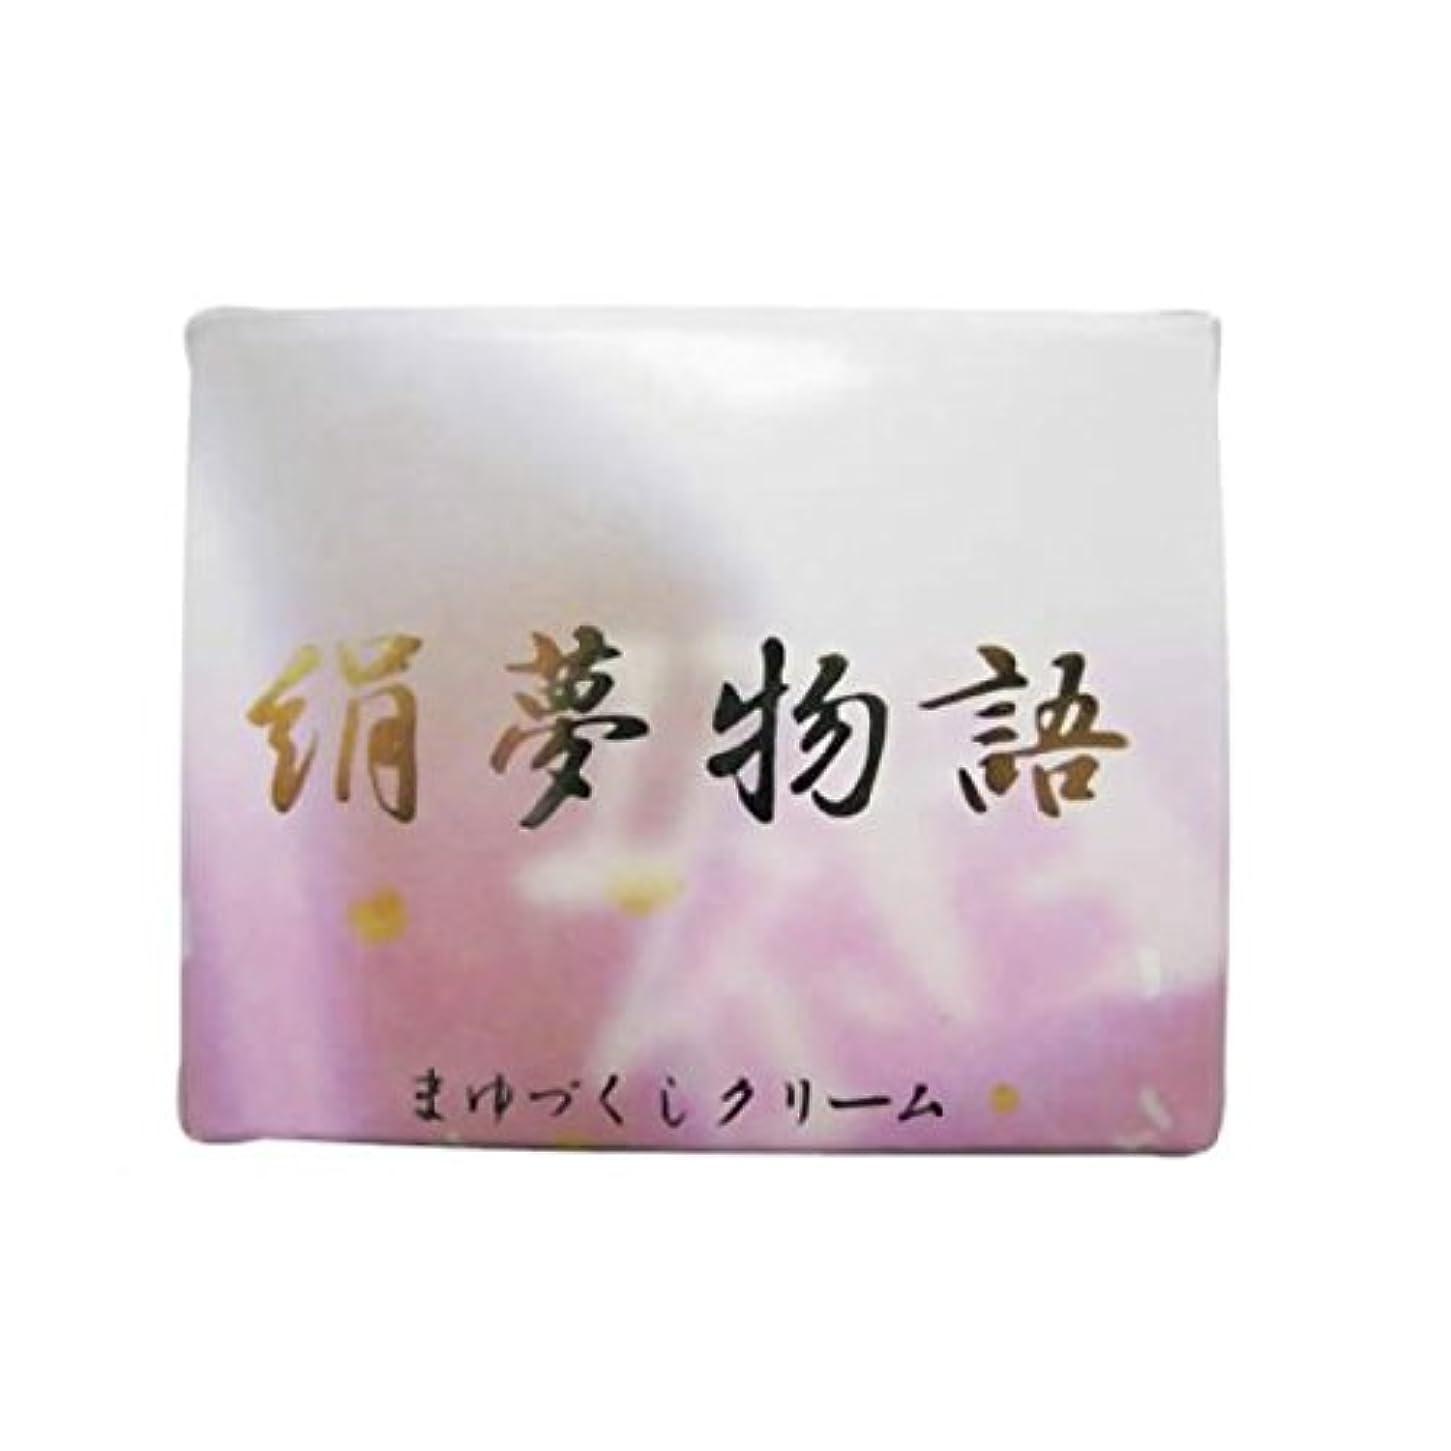 ブラウス楽観勢い【お徳用 2 セット】 絹夢物語 まゆづくしクリーム 35g×2セット